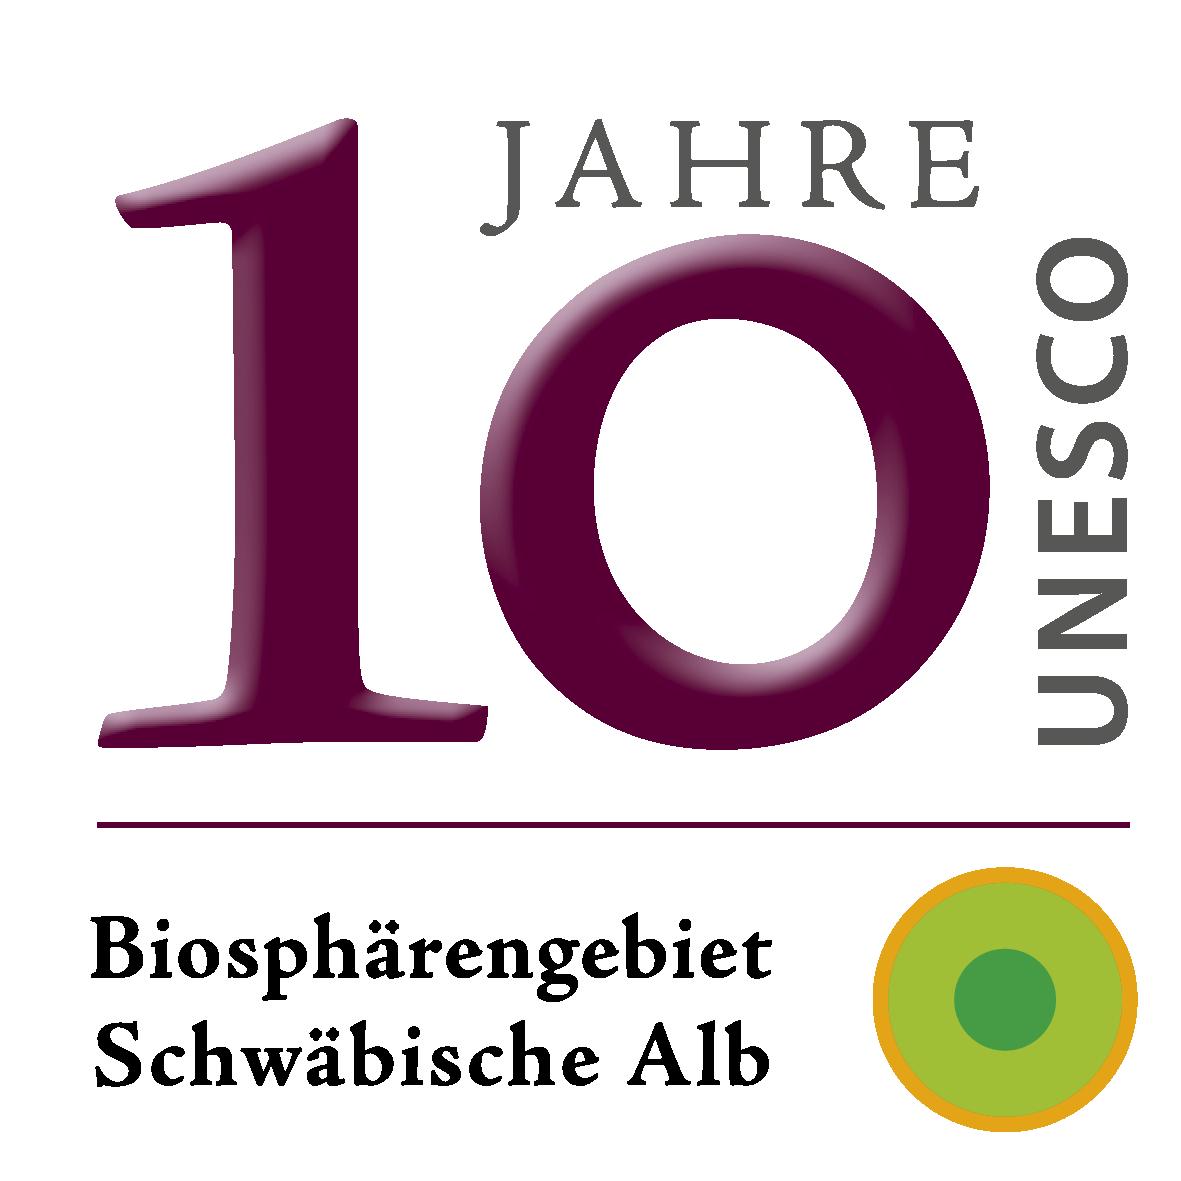 10 Jahre UNESCO Biosphärengebiet Schwäbische Alb